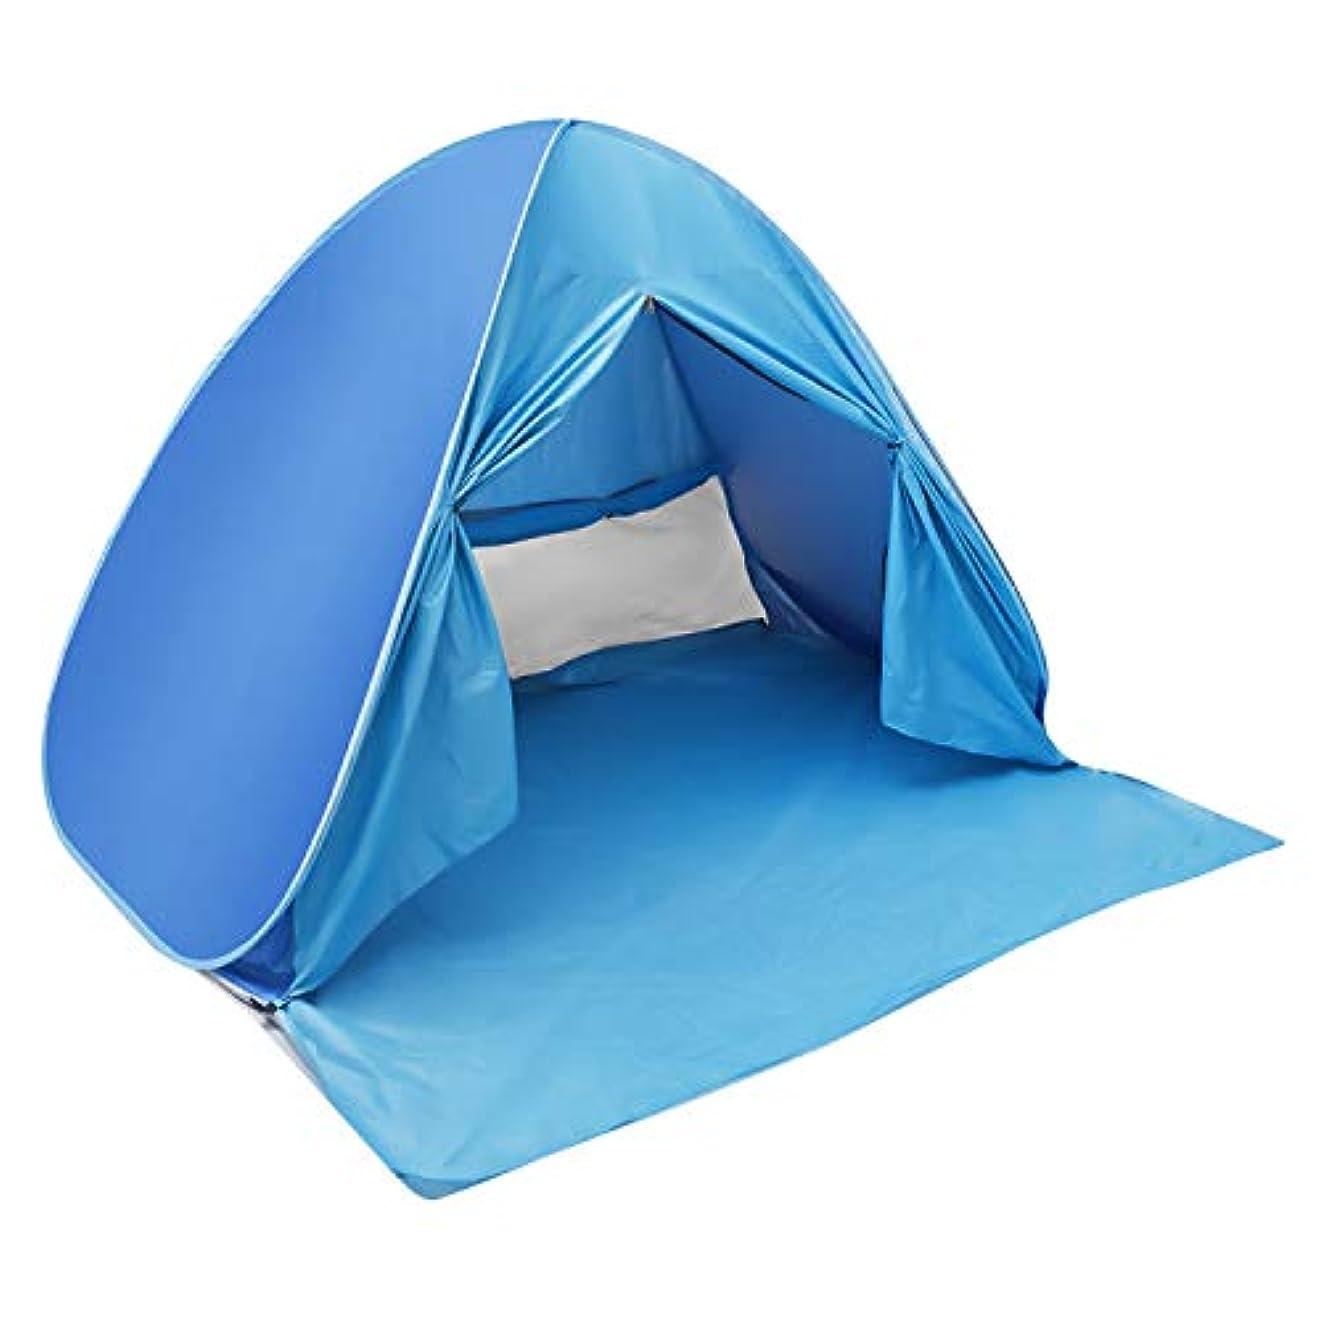 申請者所有者嘆願ワンタッチ ポップアップ テント サンシェードテントRaindon ビーチテント日除けUV50+ カーテン付き